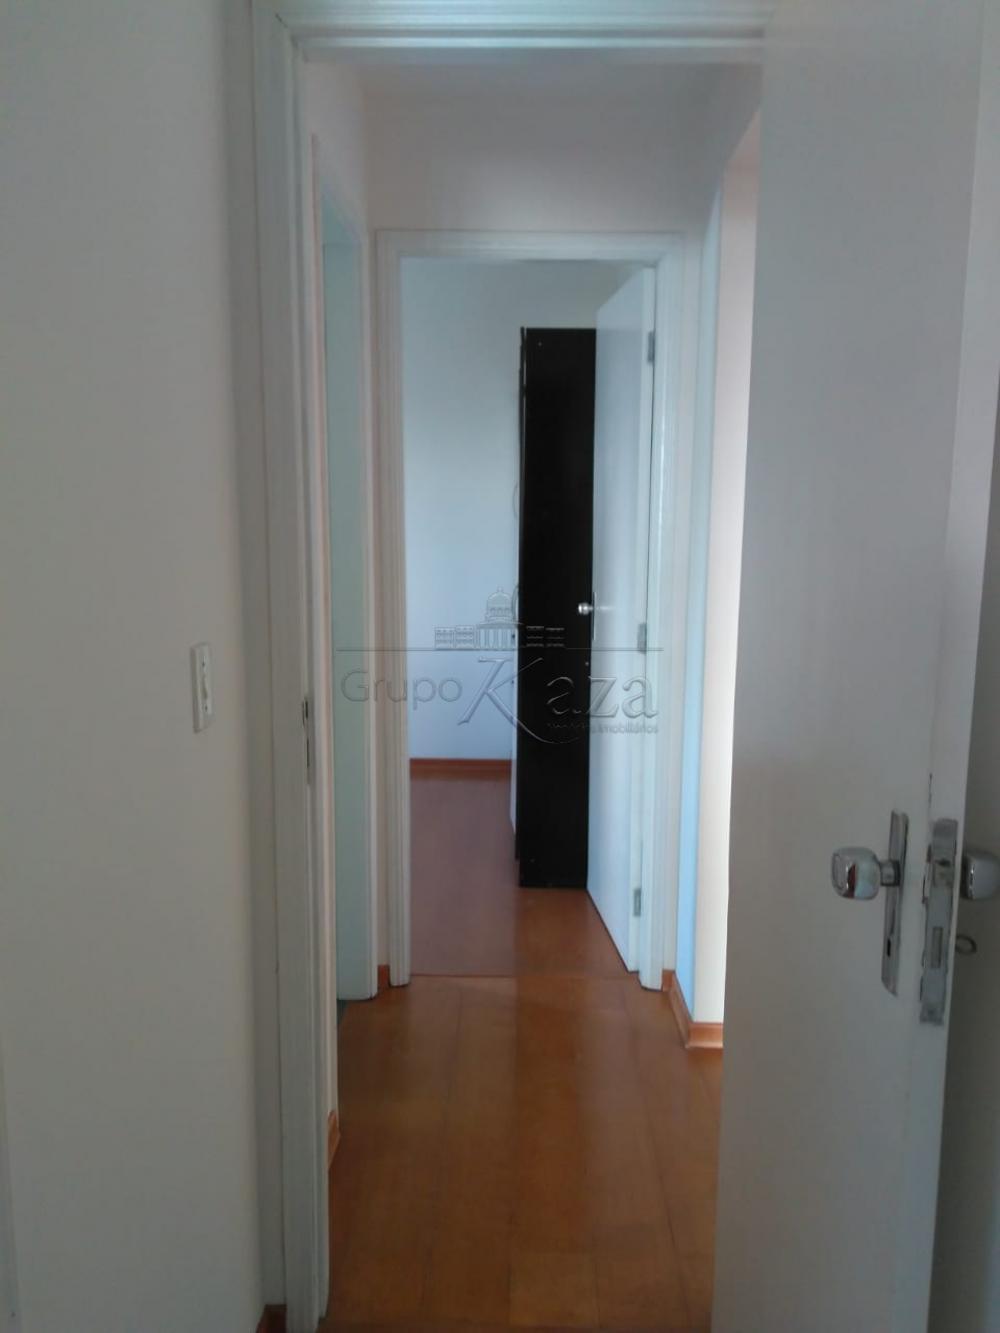 Alugar Apartamento / Padrão em São José dos Campos apenas R$ 1.350,00 - Foto 6